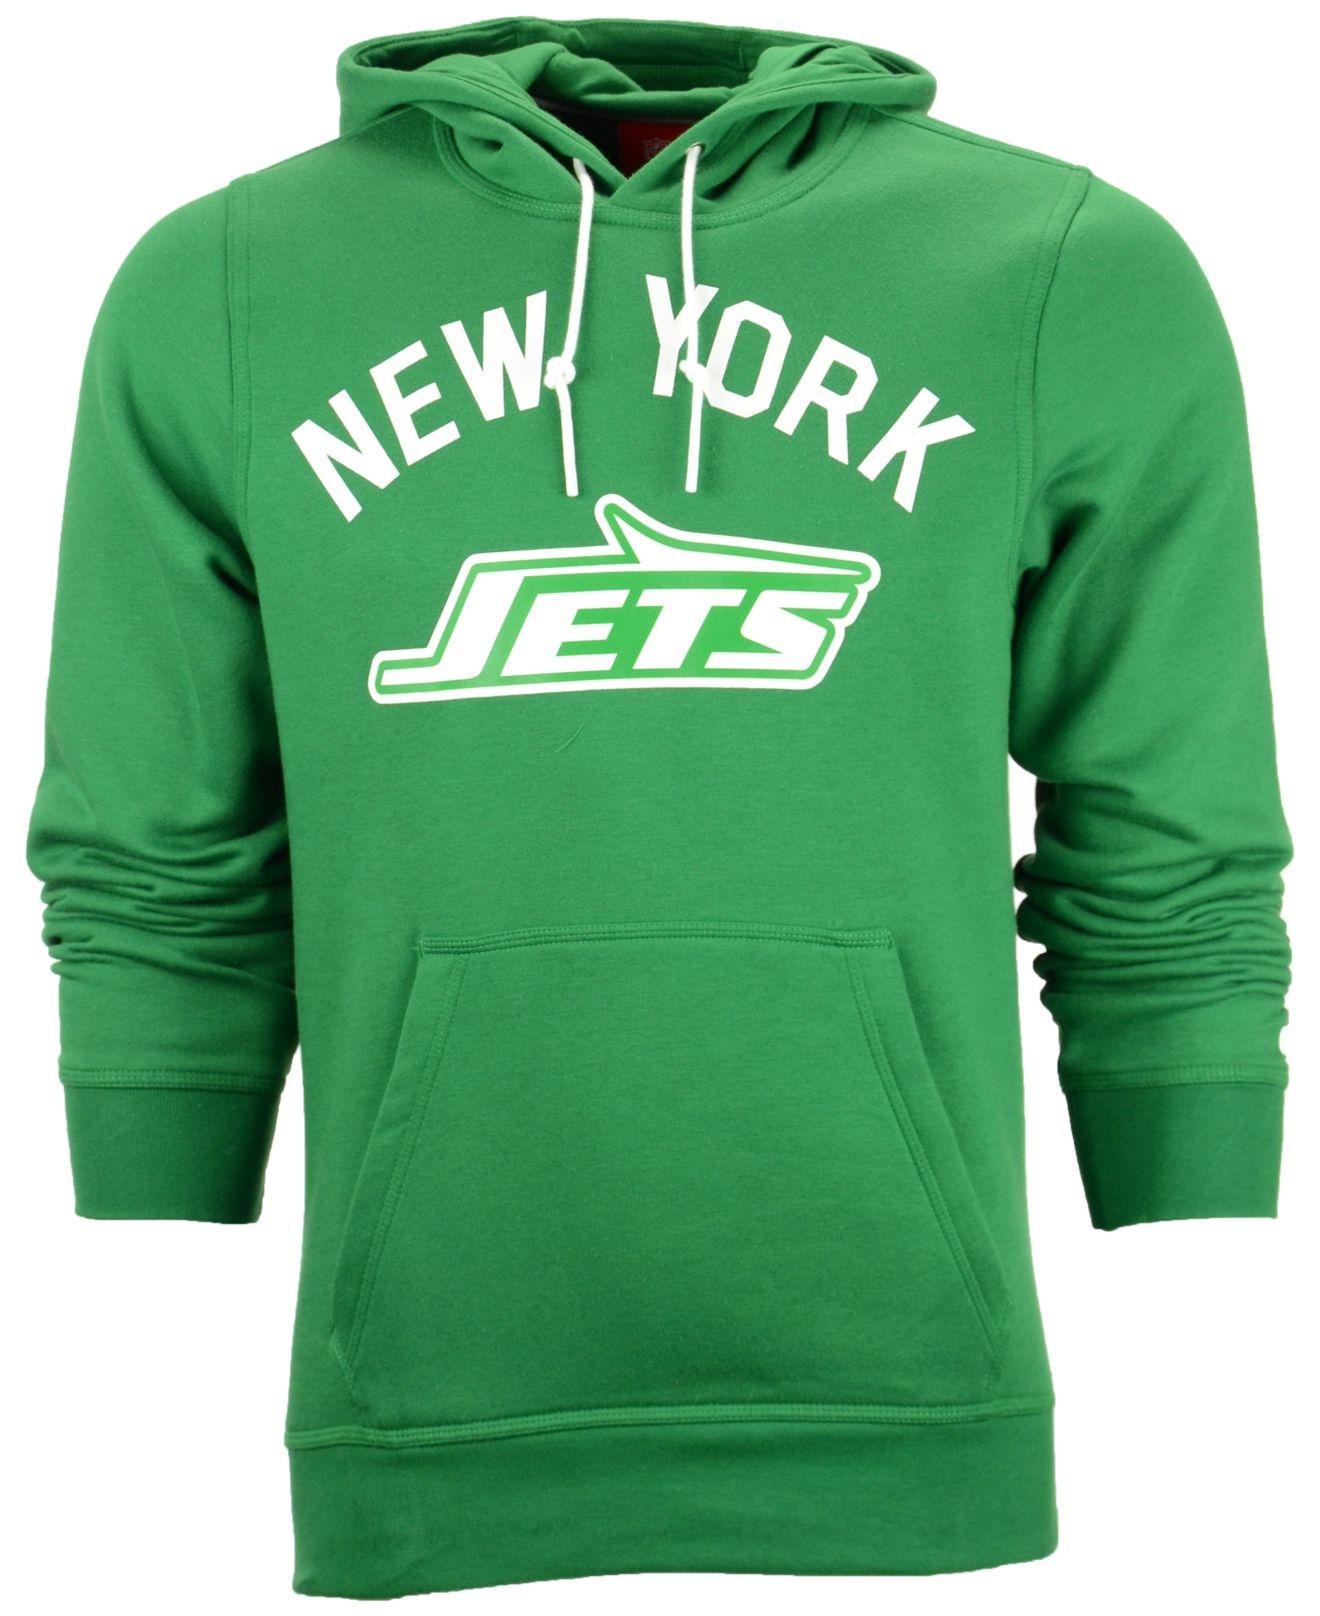 Ny jets hoodies